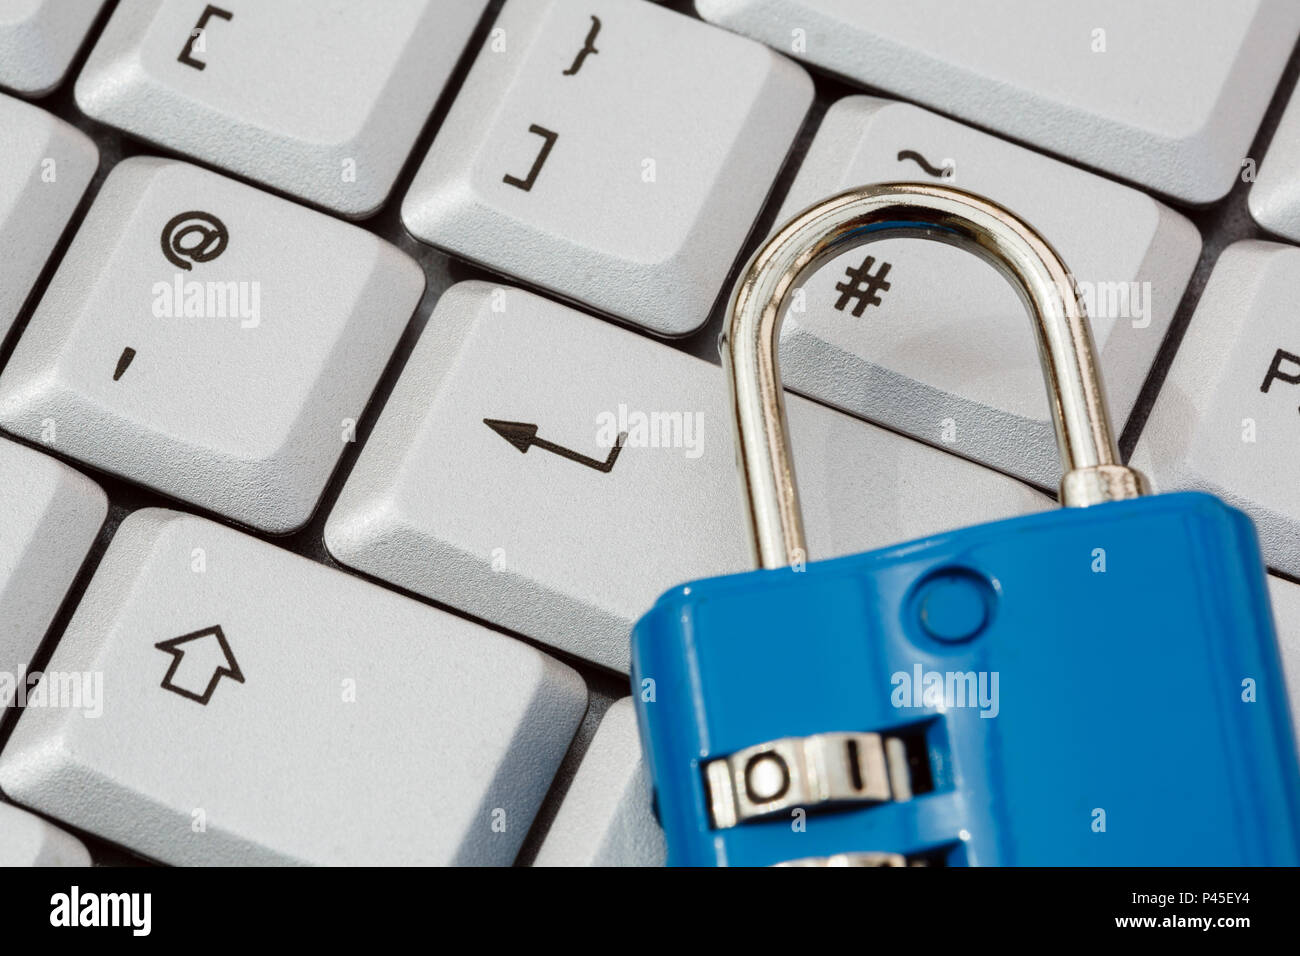 Una tastiera con il tasto invio e un lucchetto per illustrare online cyber security e la protezione dei dati il PILR concetto. Inghilterra Regno Unito Gran Bretagna UE Immagini Stock